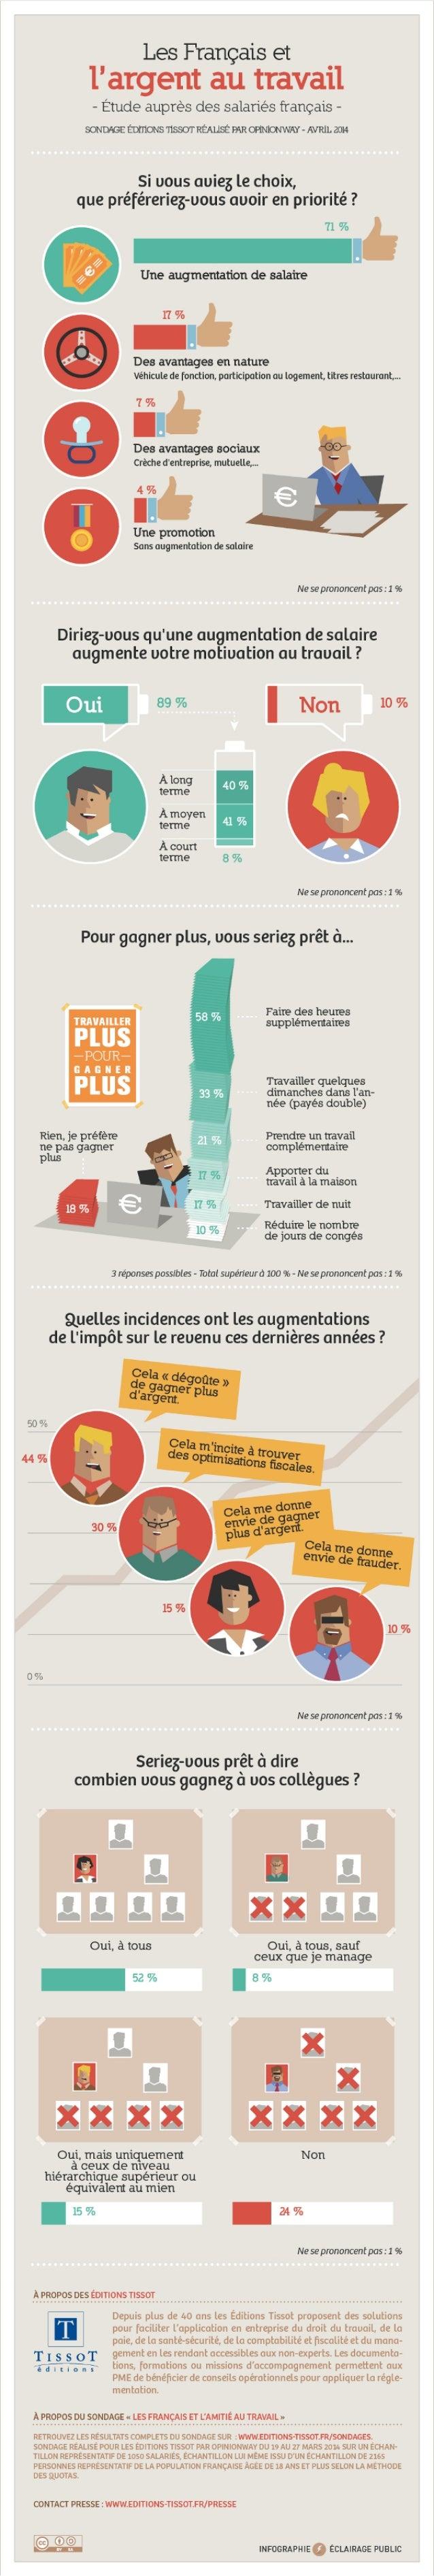 Infographie : les français et l'argent au travail